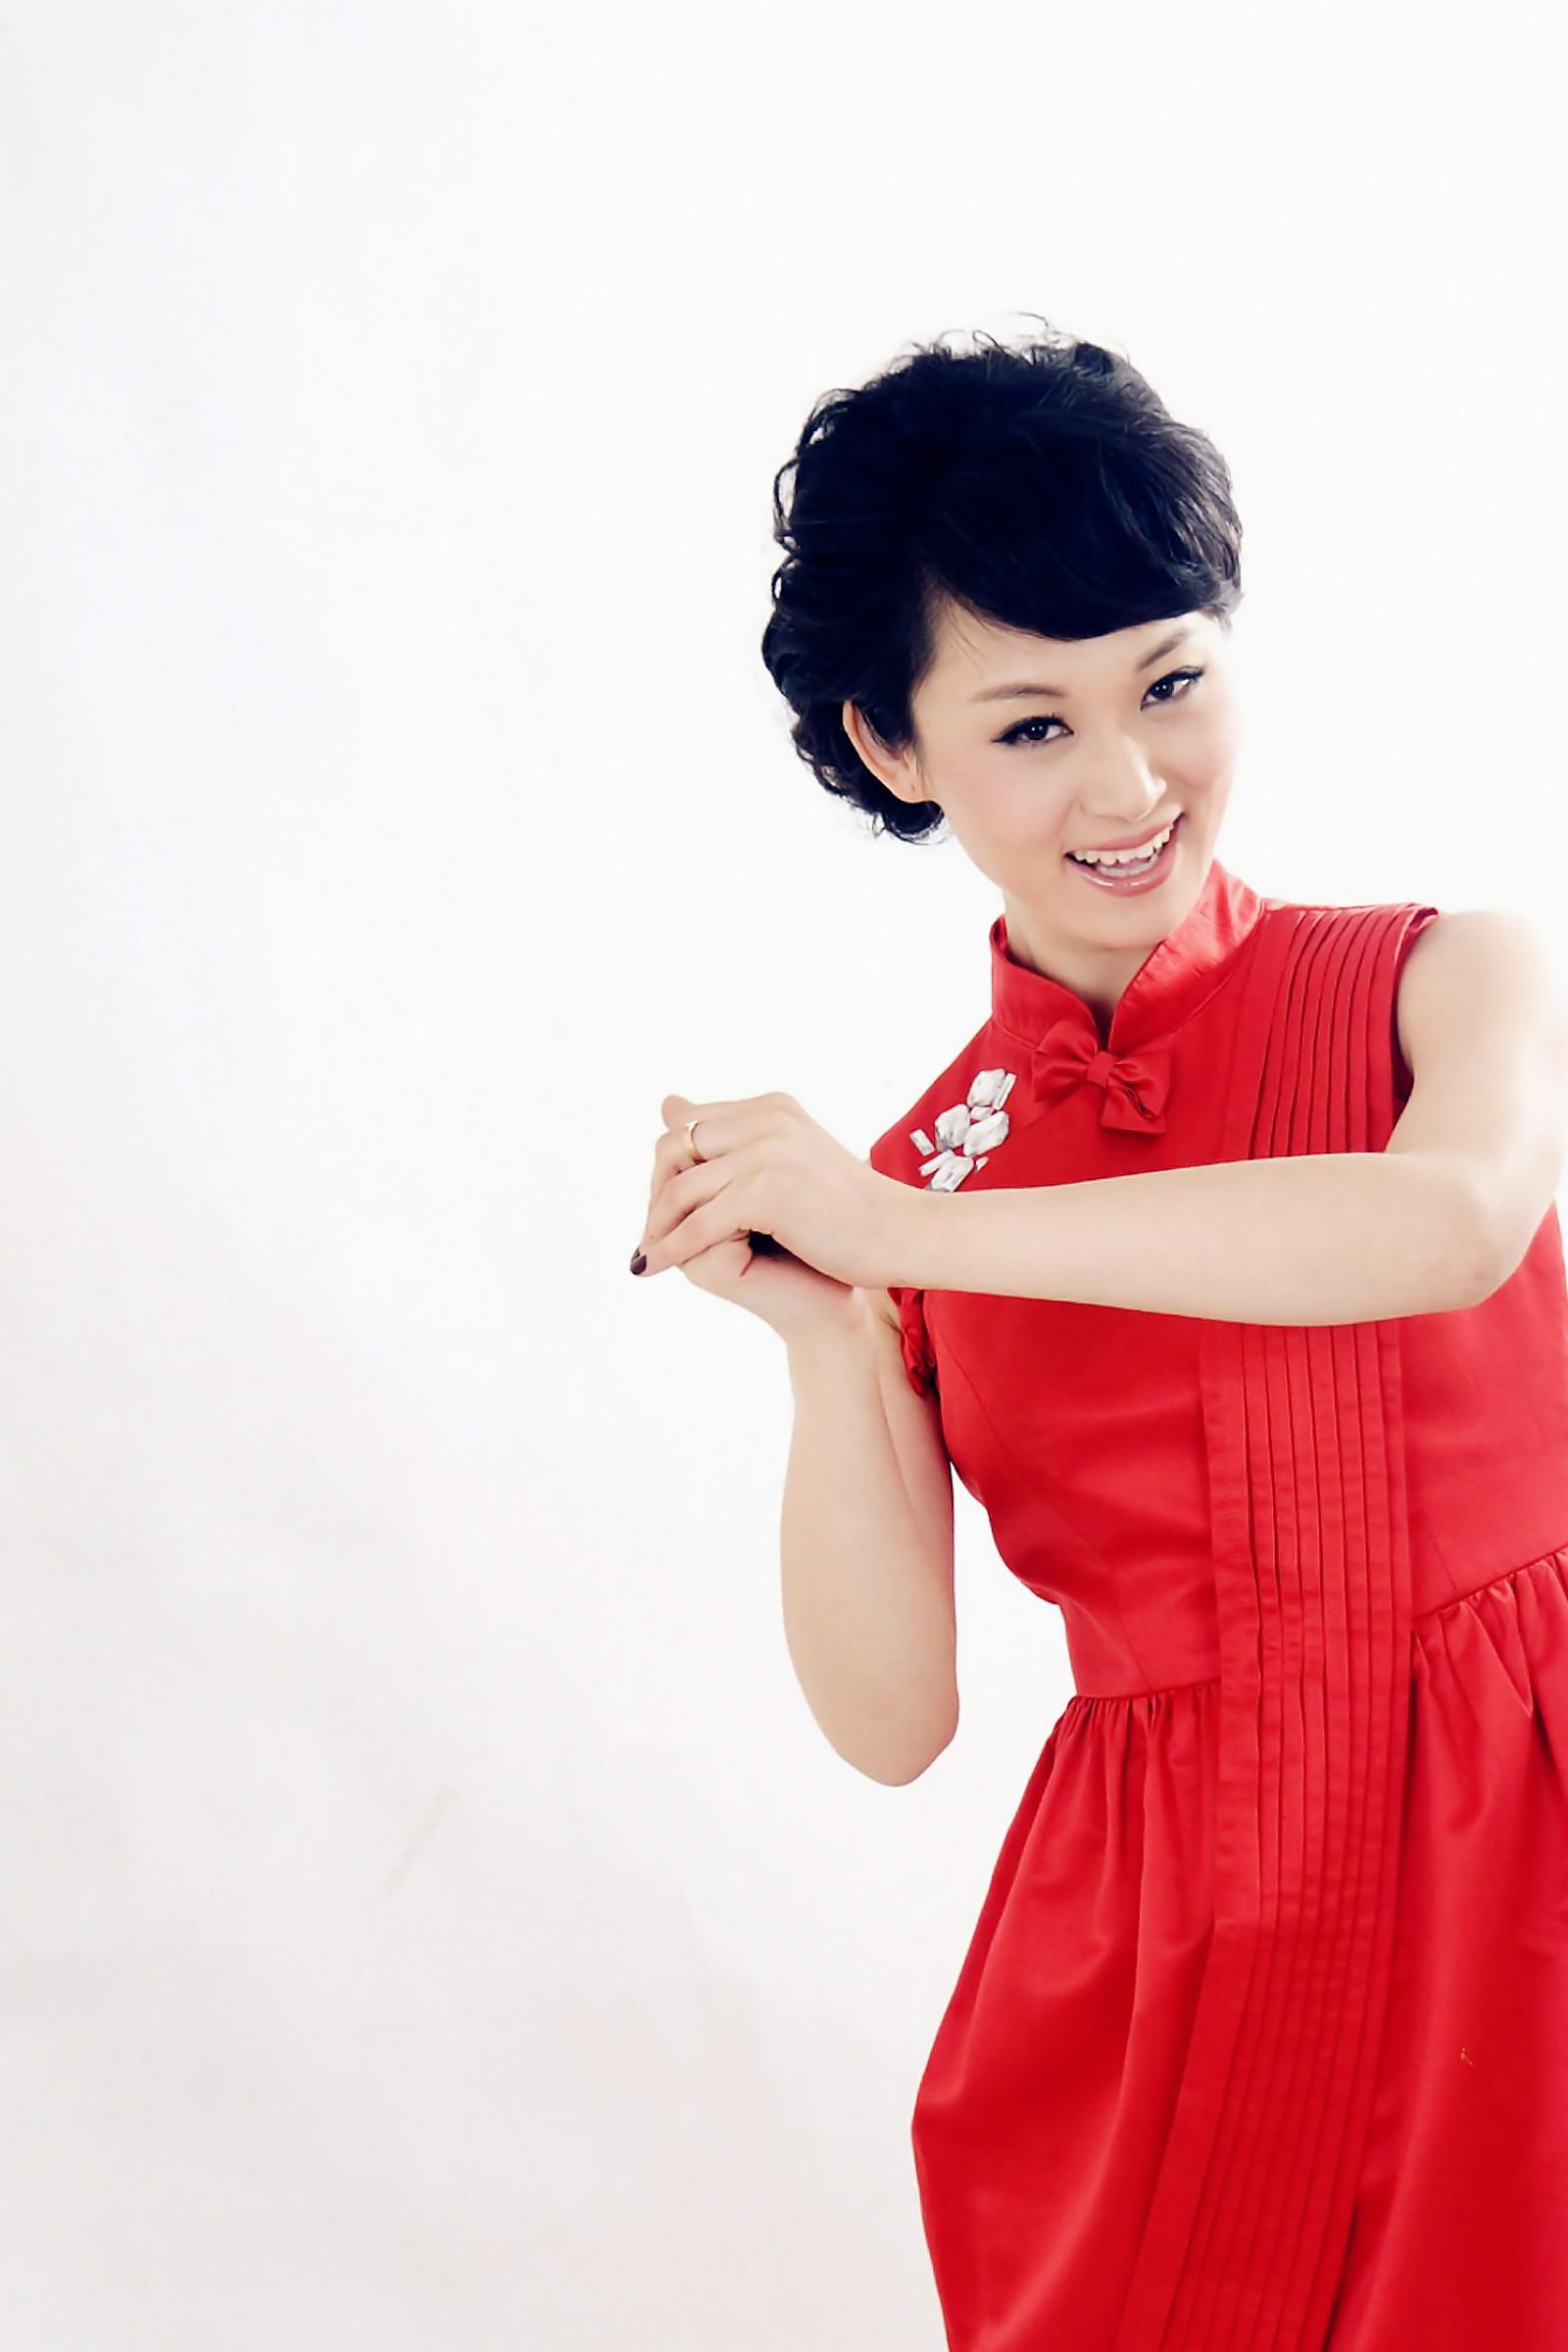 王小骞新发型_王氏姐妹大观园(1) - 美女贴图 - 华声论坛